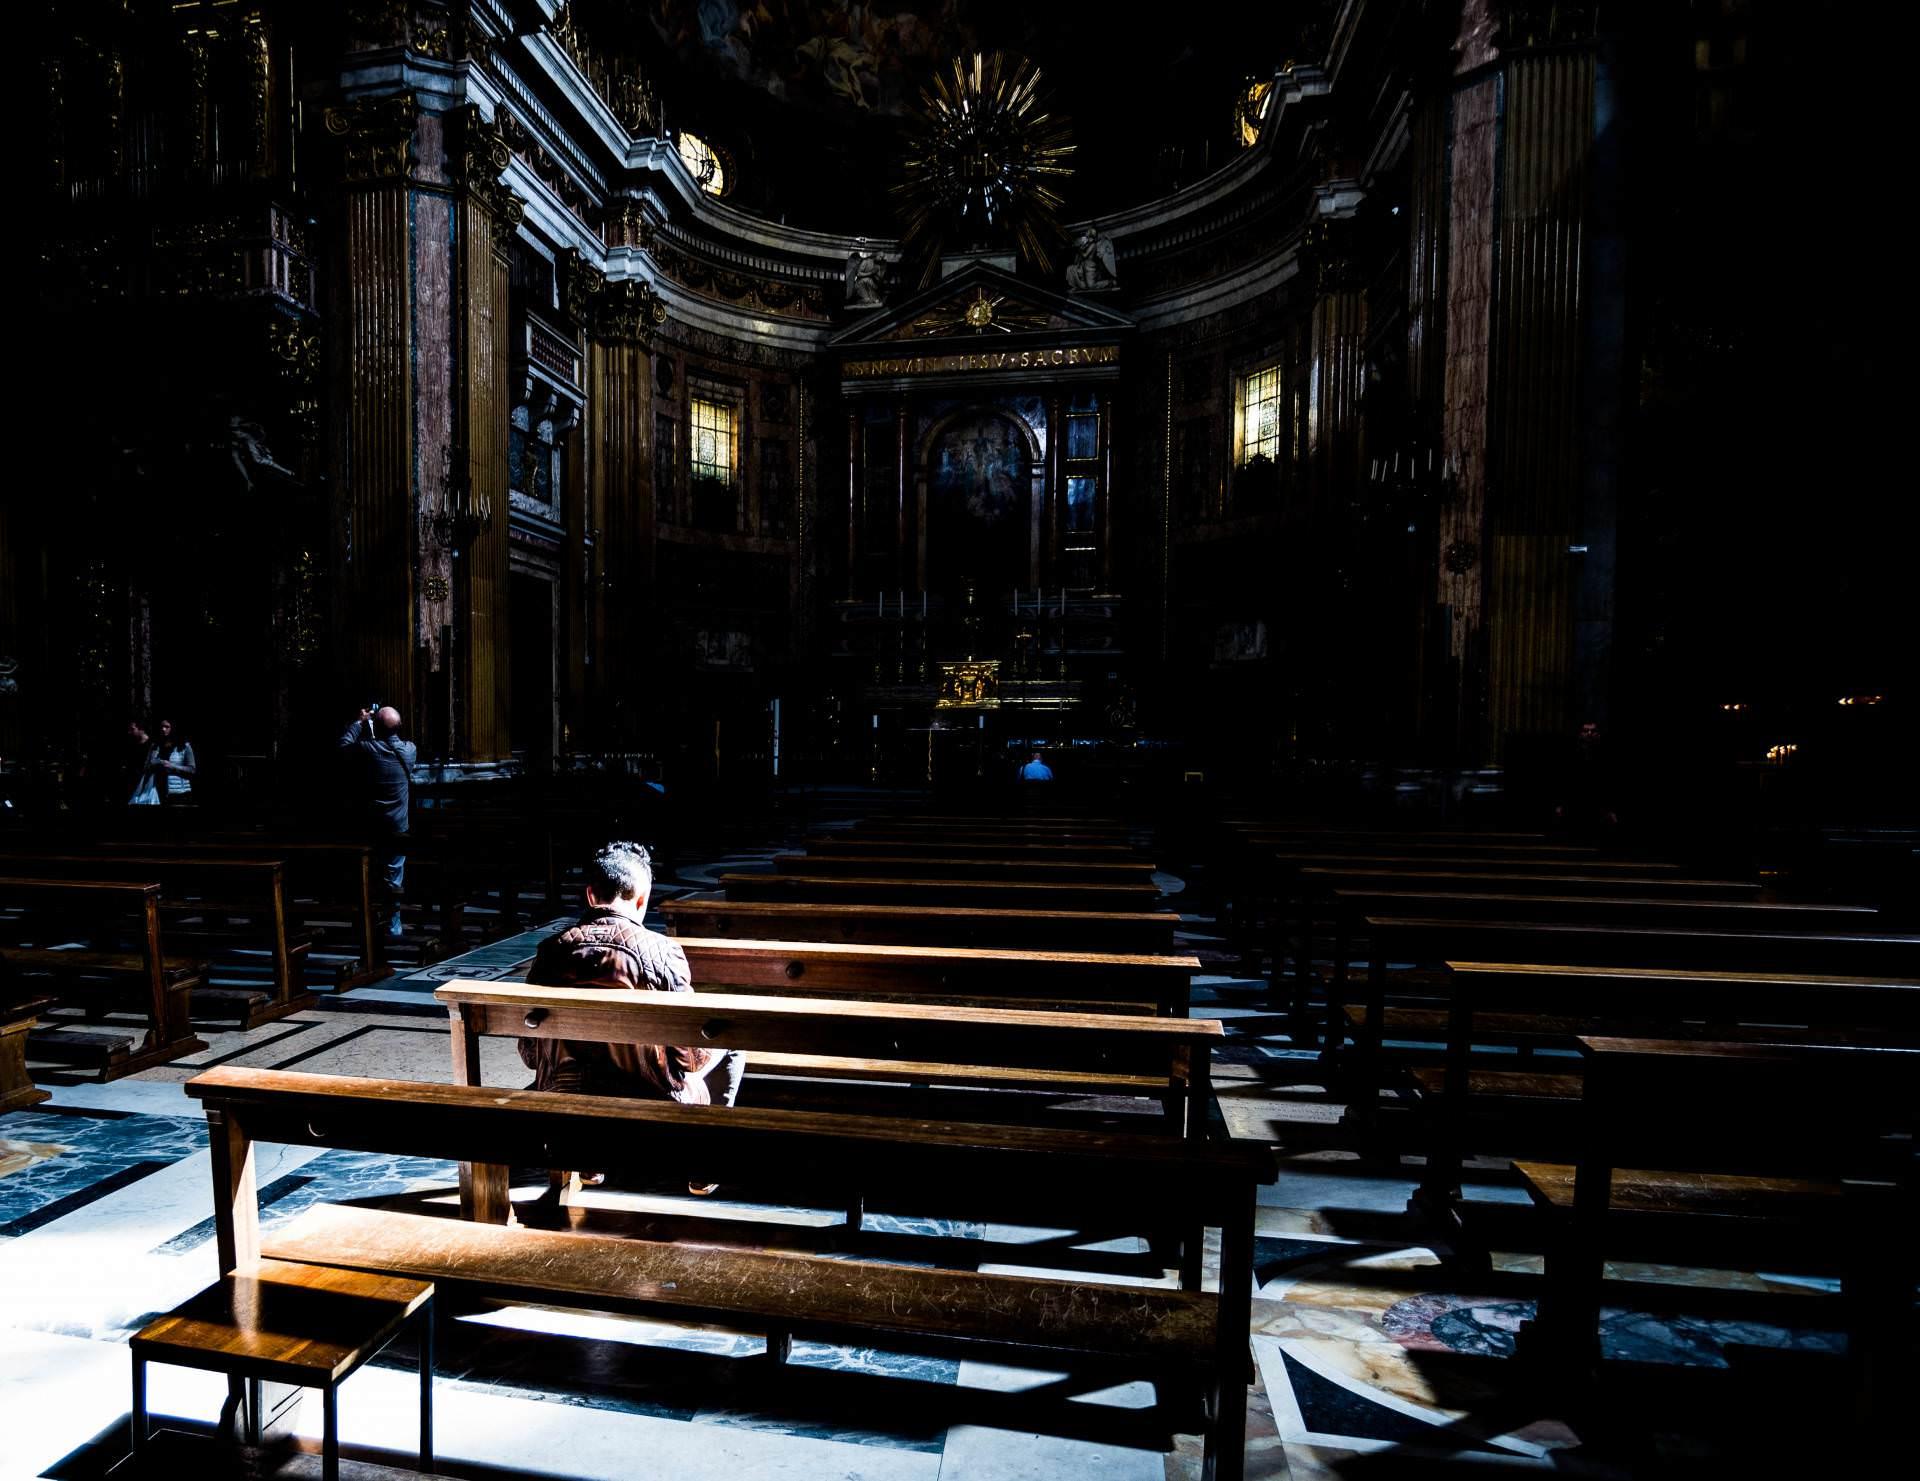 Igreja é assaltada durante transmissão ao vivo de Missa